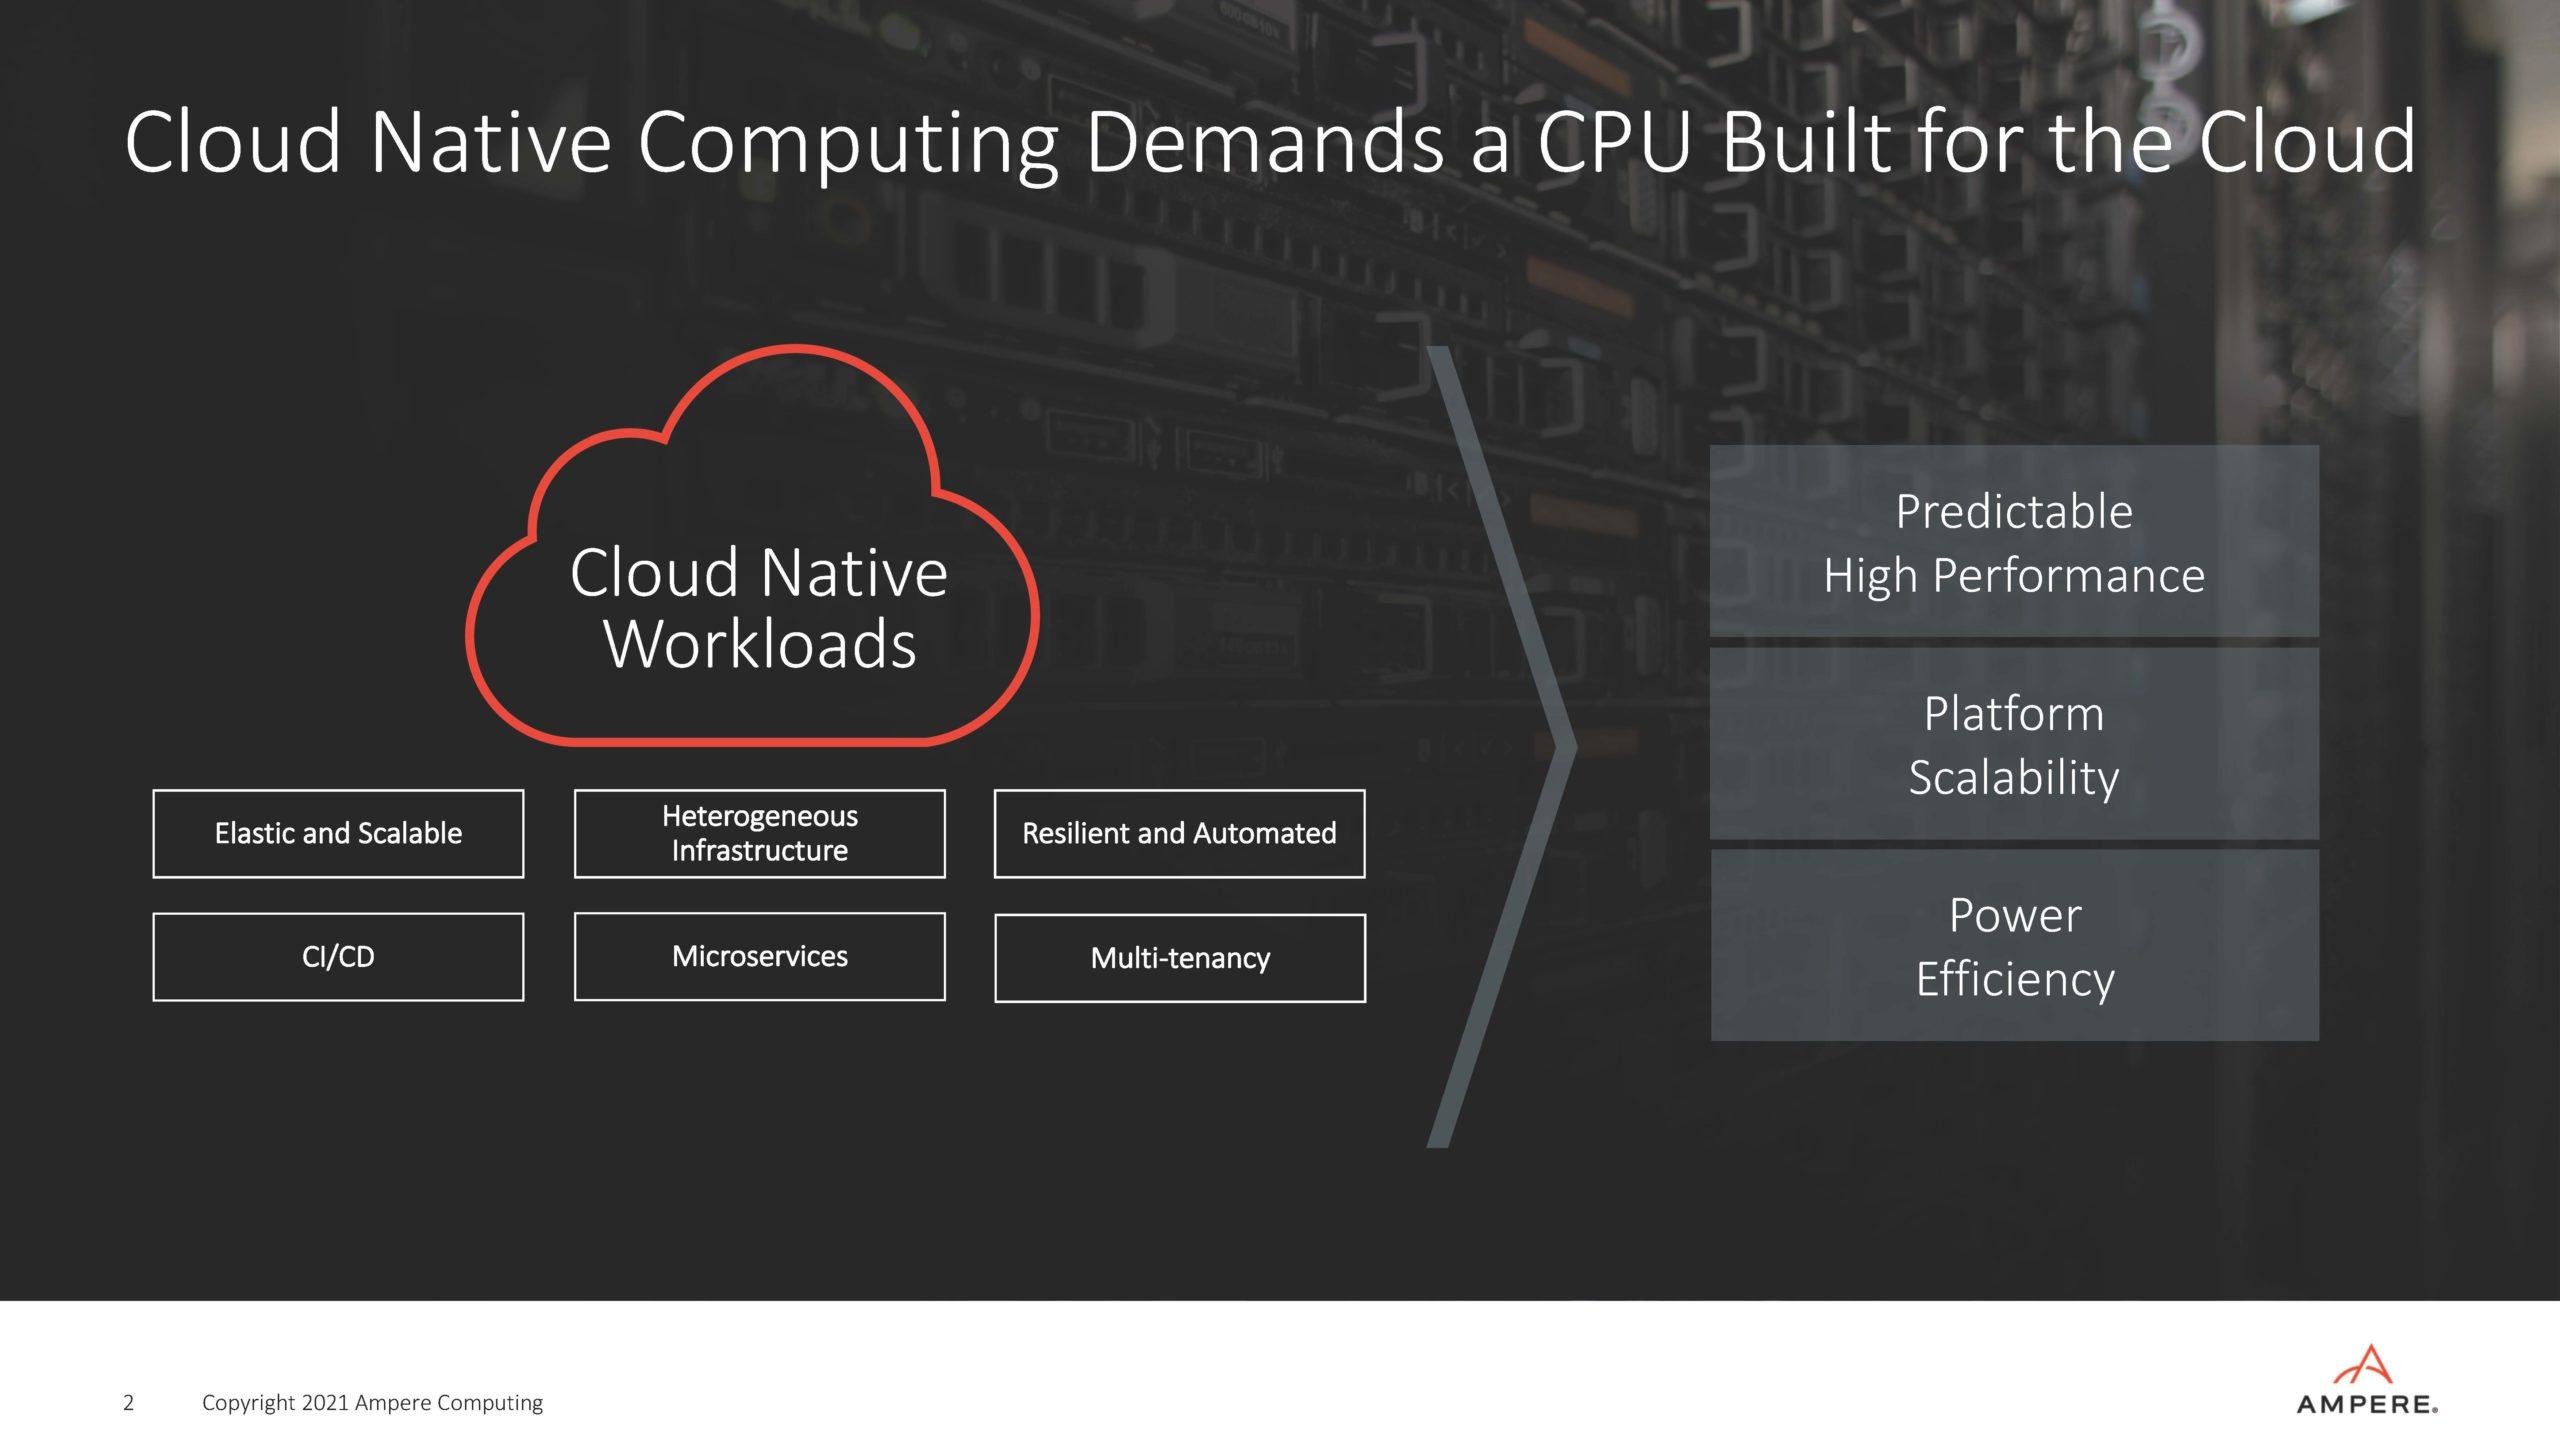 Ampere Strategy Update Q2 2021 Cloud Native Demand For CPU